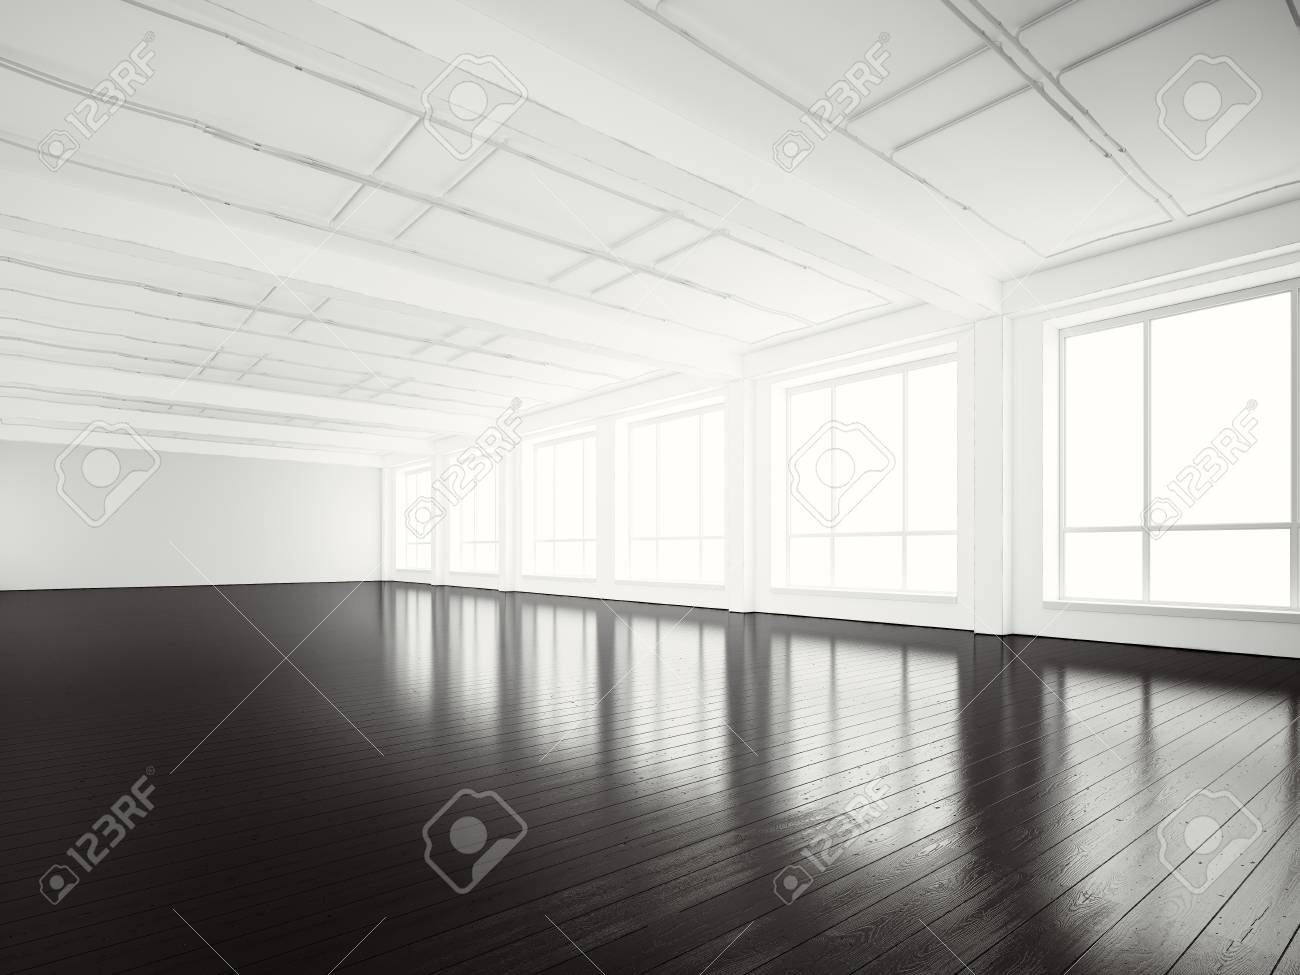 Photo de bureau open space building.empty moderne style loft